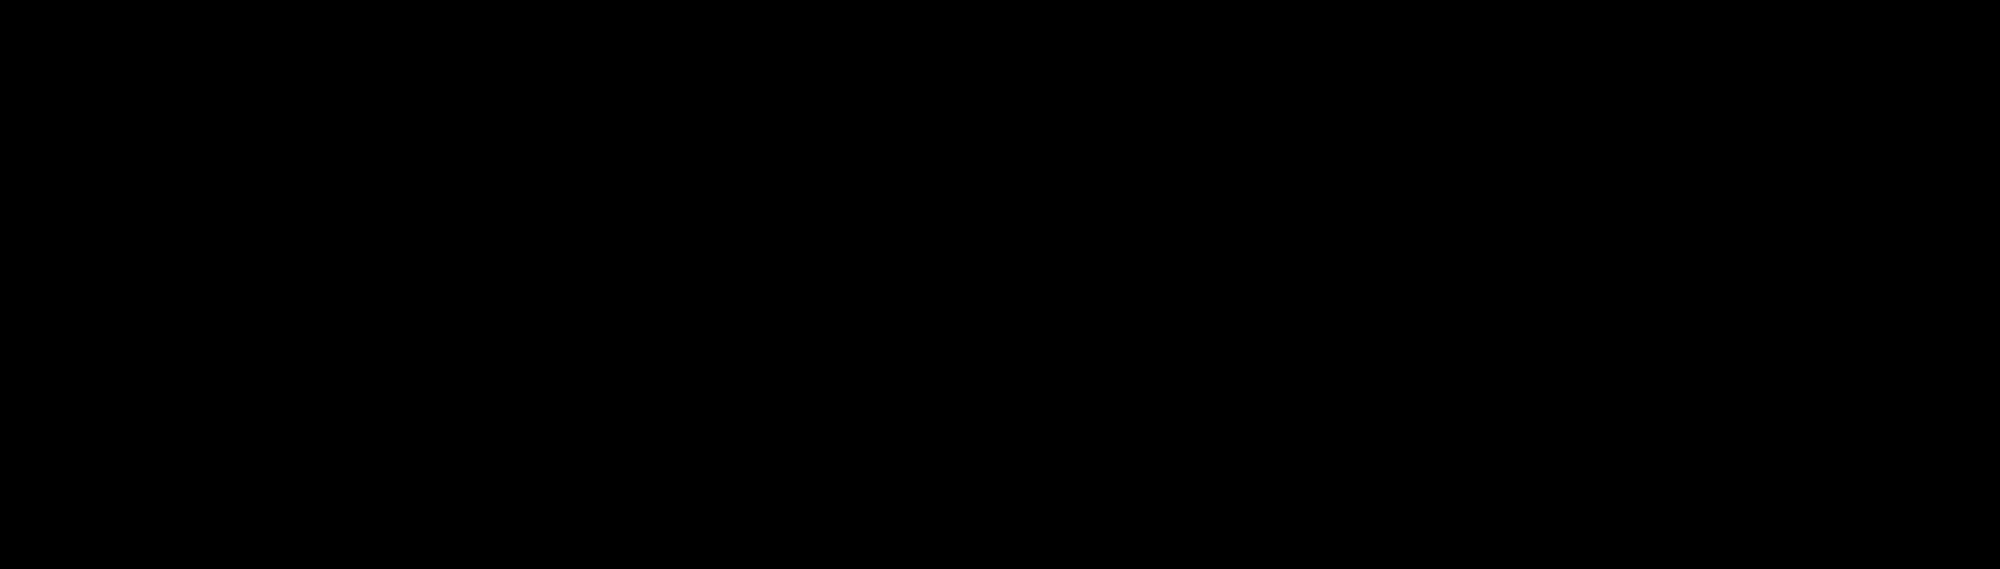 Logo for AalborgAdvokaten | Advokaterne Sankt Knuds Torv P/S - Advokat i Aalborg - familieret, arveret, fast ejendom